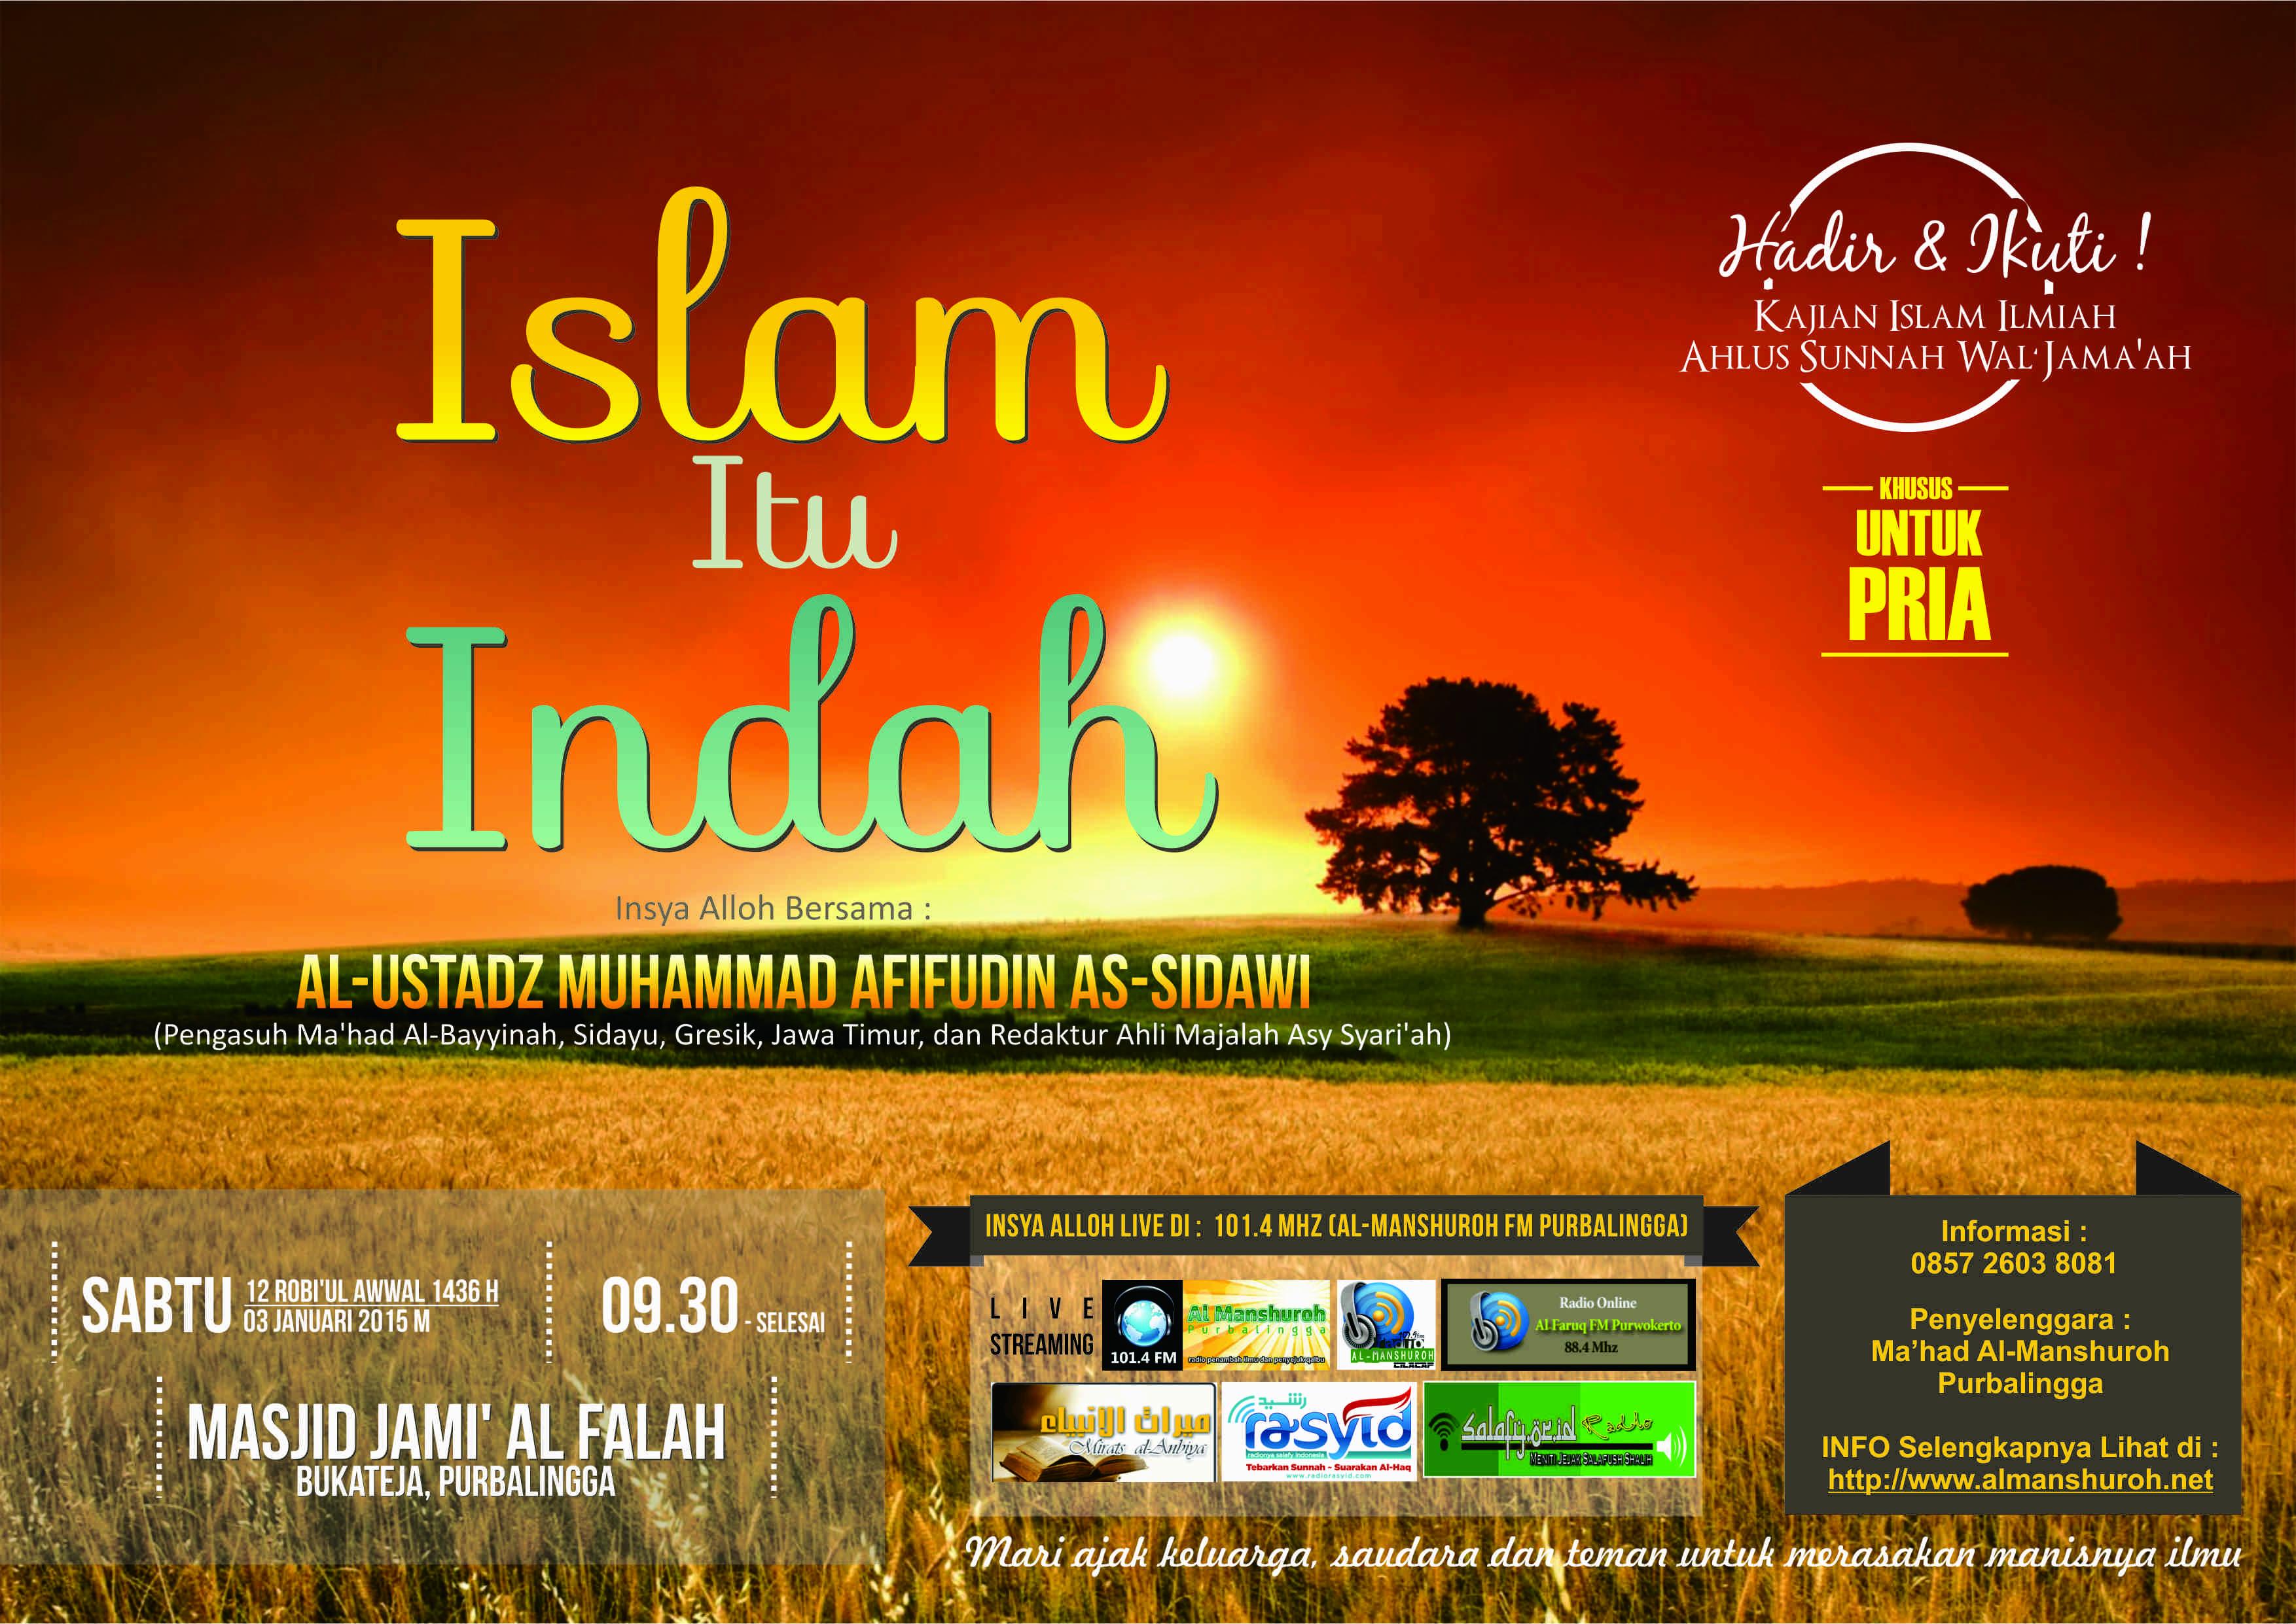 """AUDIO Kajian Islam Ilmiah Bukateja """"Islam Itu Indah"""""""